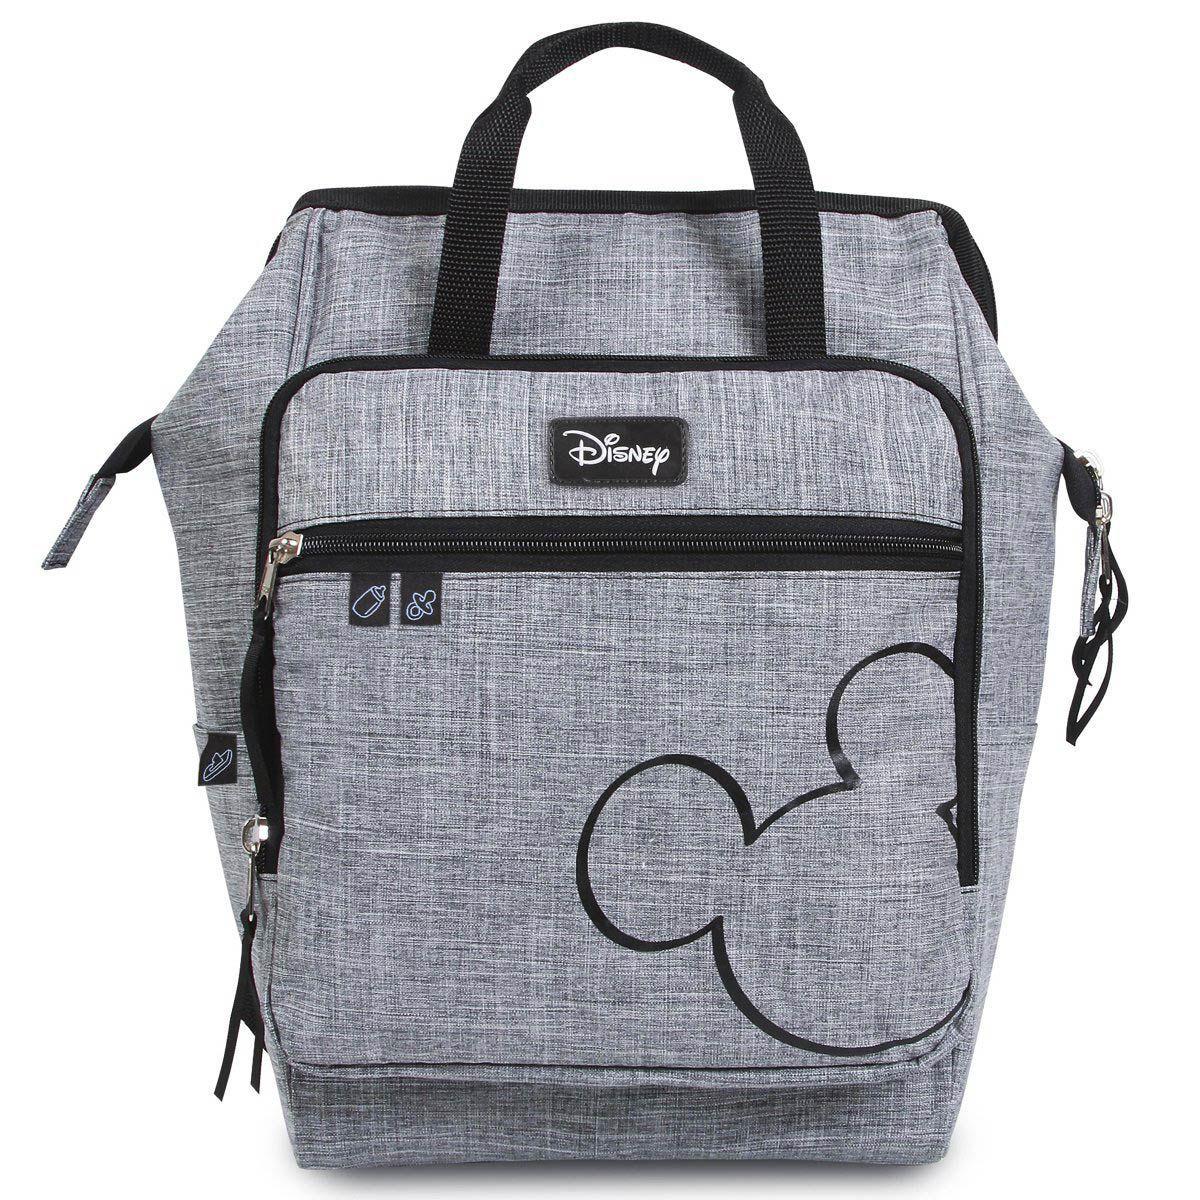 Baby Bag Mochila Maternidade Mickey Mouse Cinza c/ Trocador Disney